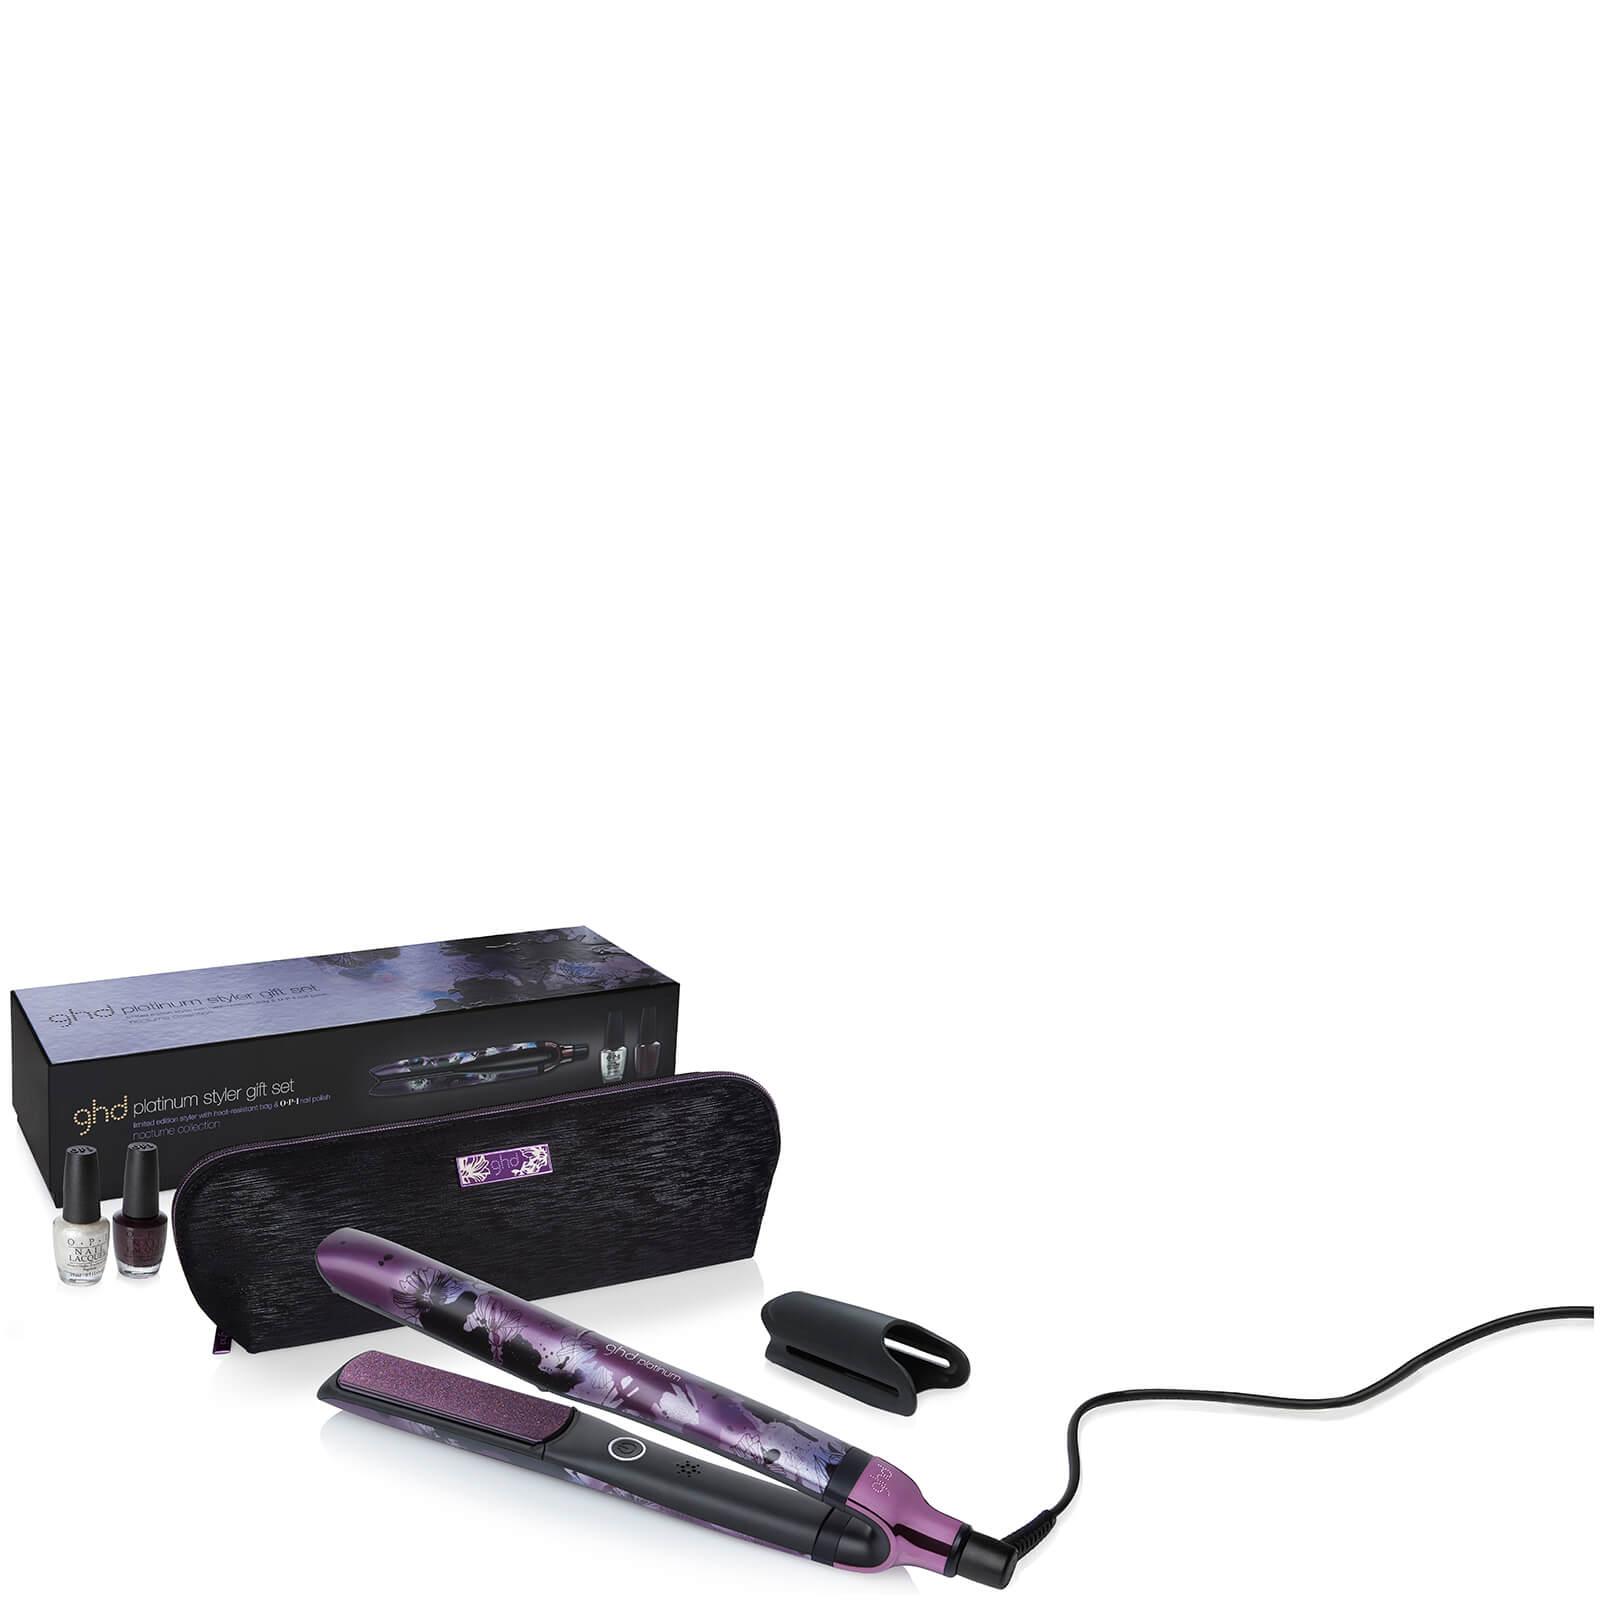 ghd Nocturne Collection Platinum Styler Gift Set - Svensk stickkontakt -  Snabb leverans 377e29cd2f775